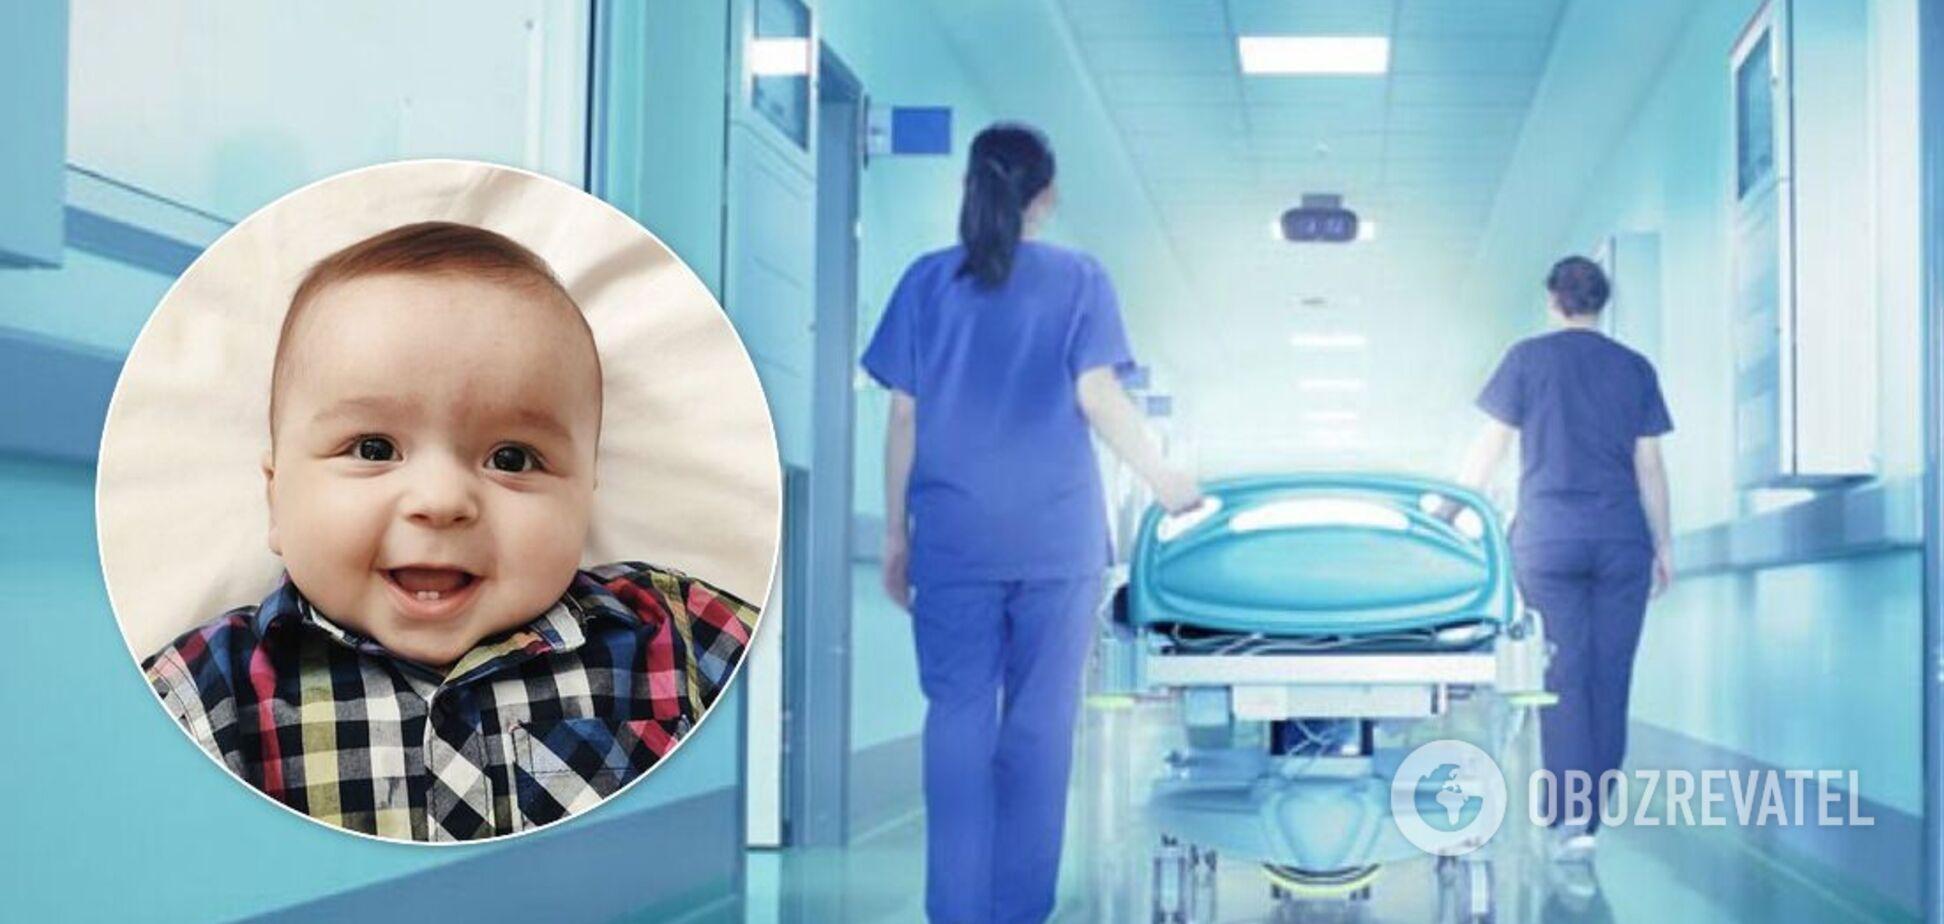 10-місячний малюк бореться з пухлиною мозку: у мережі попросили про допомогу